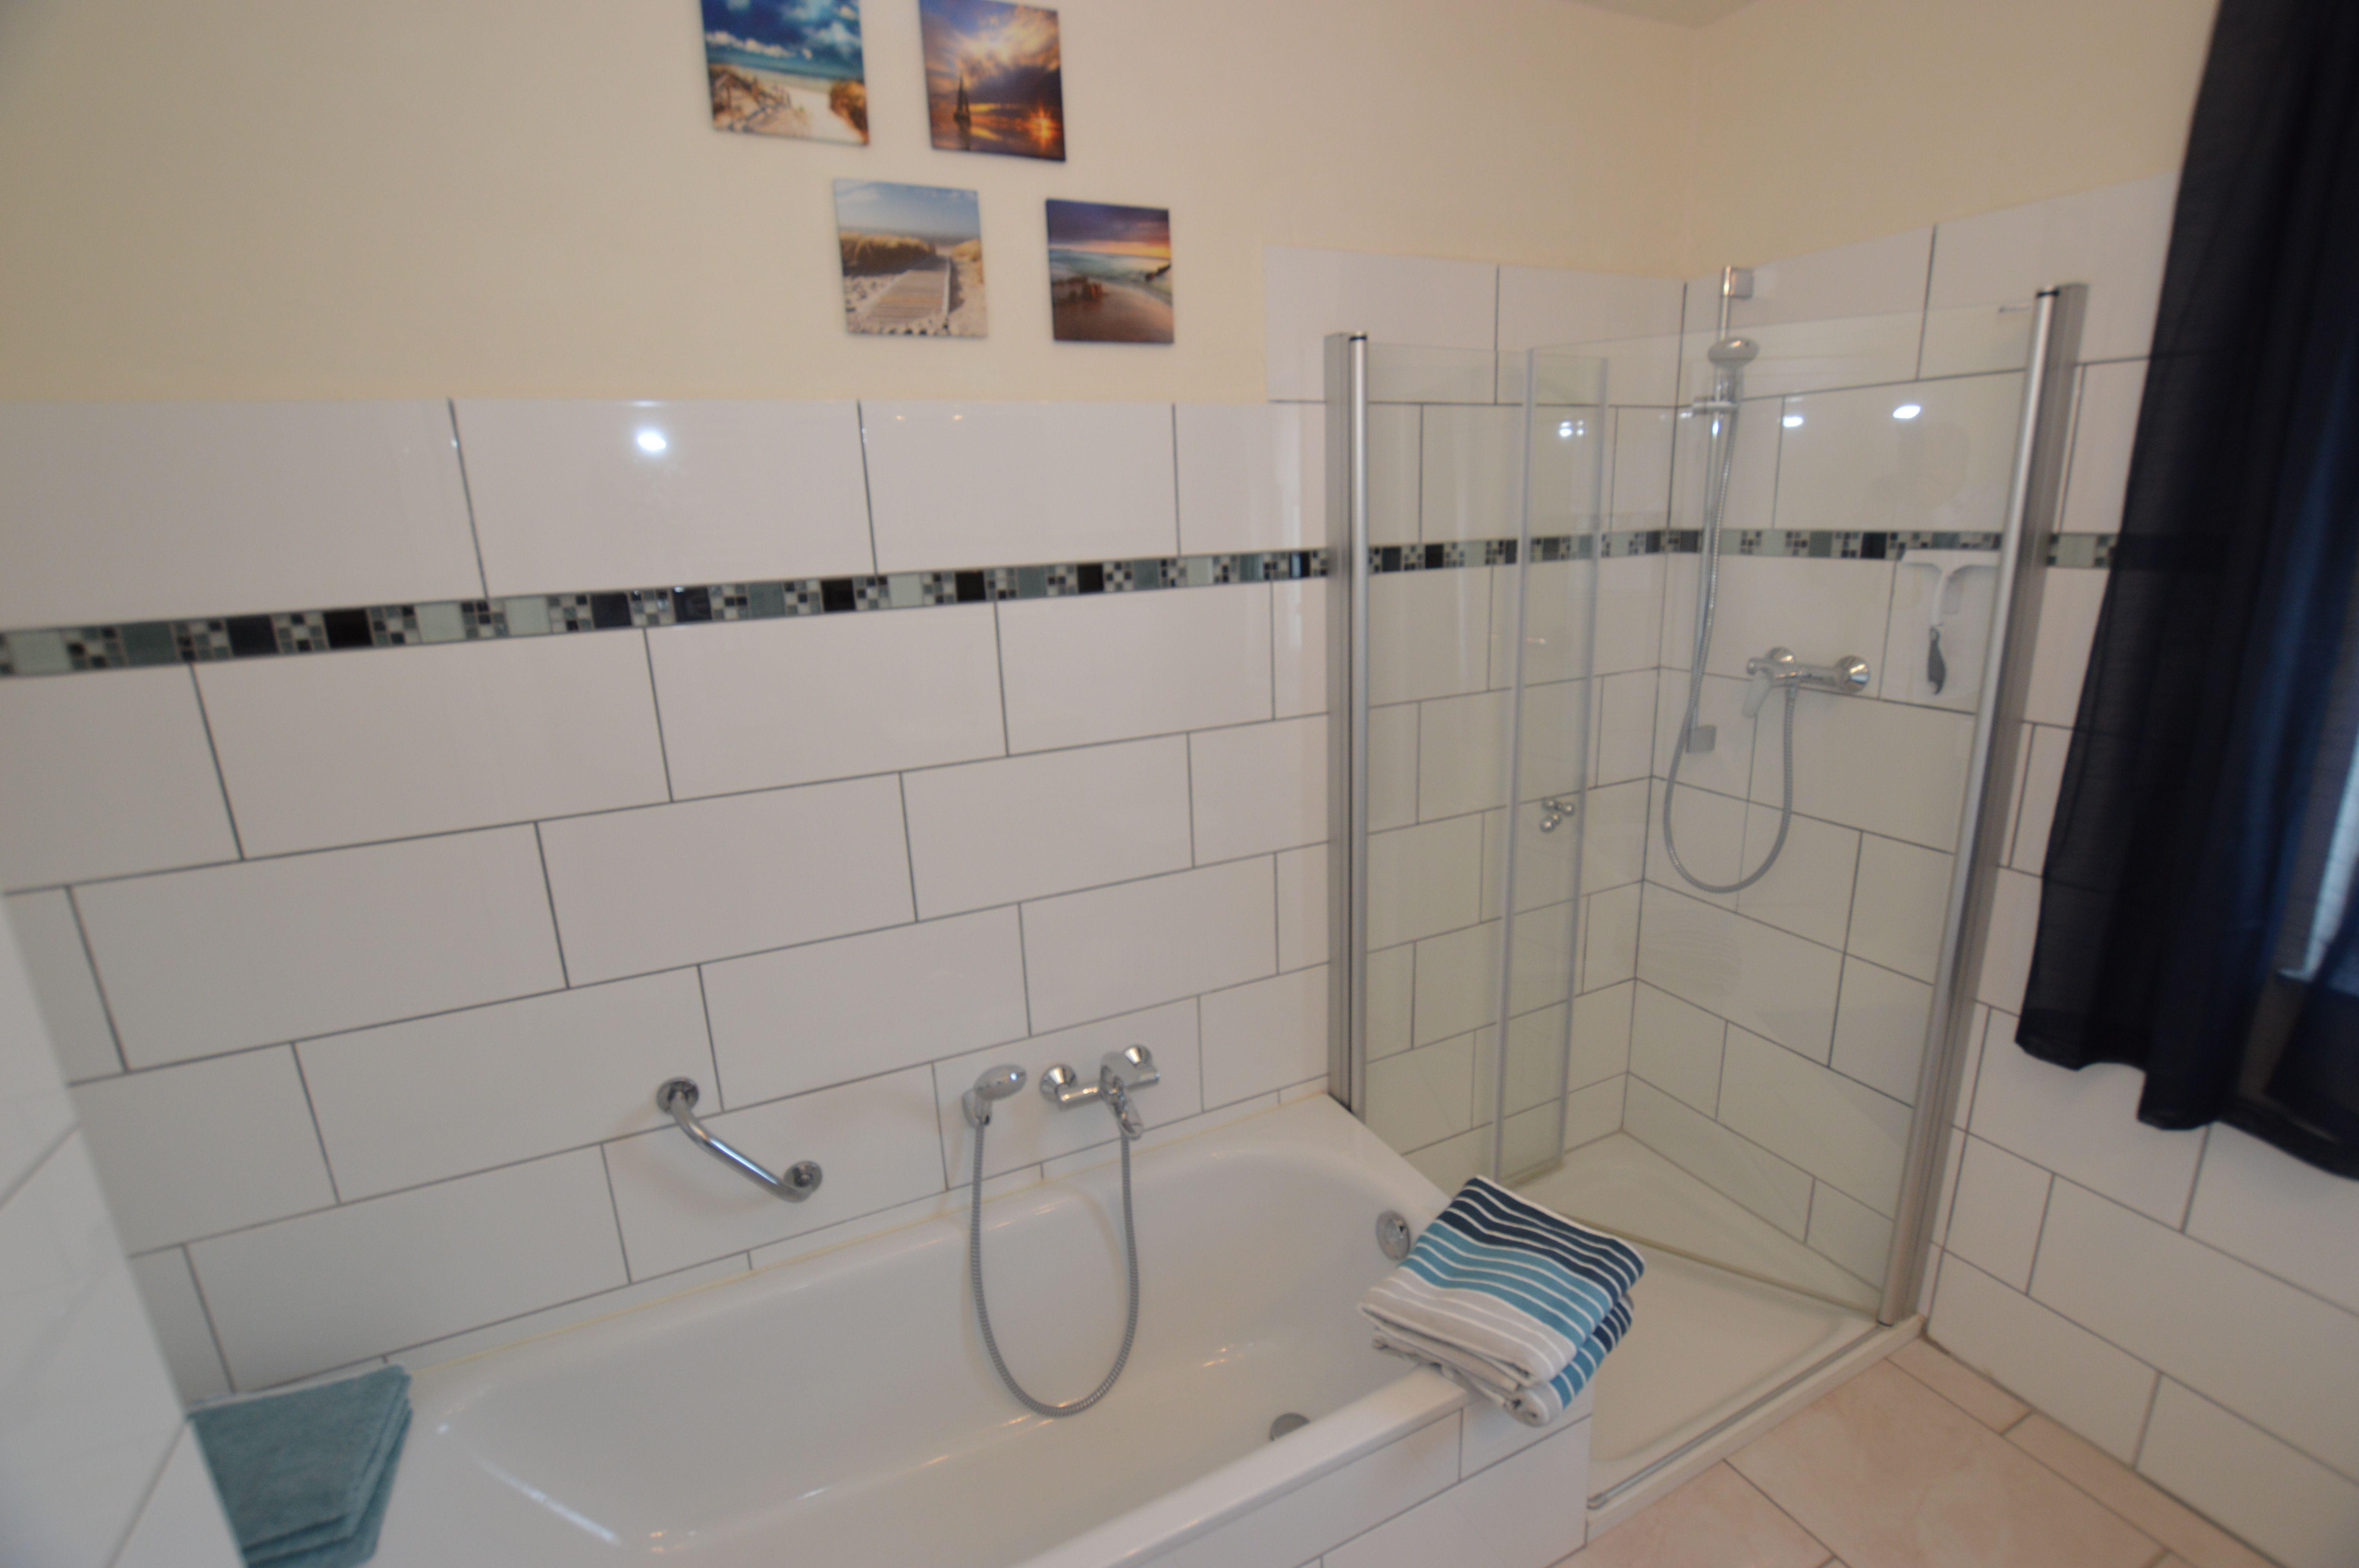 Badezimmer Mit Dusche Und Badewanne Moblierte Wohnung Badezimmer Mit Dusche Badewanne